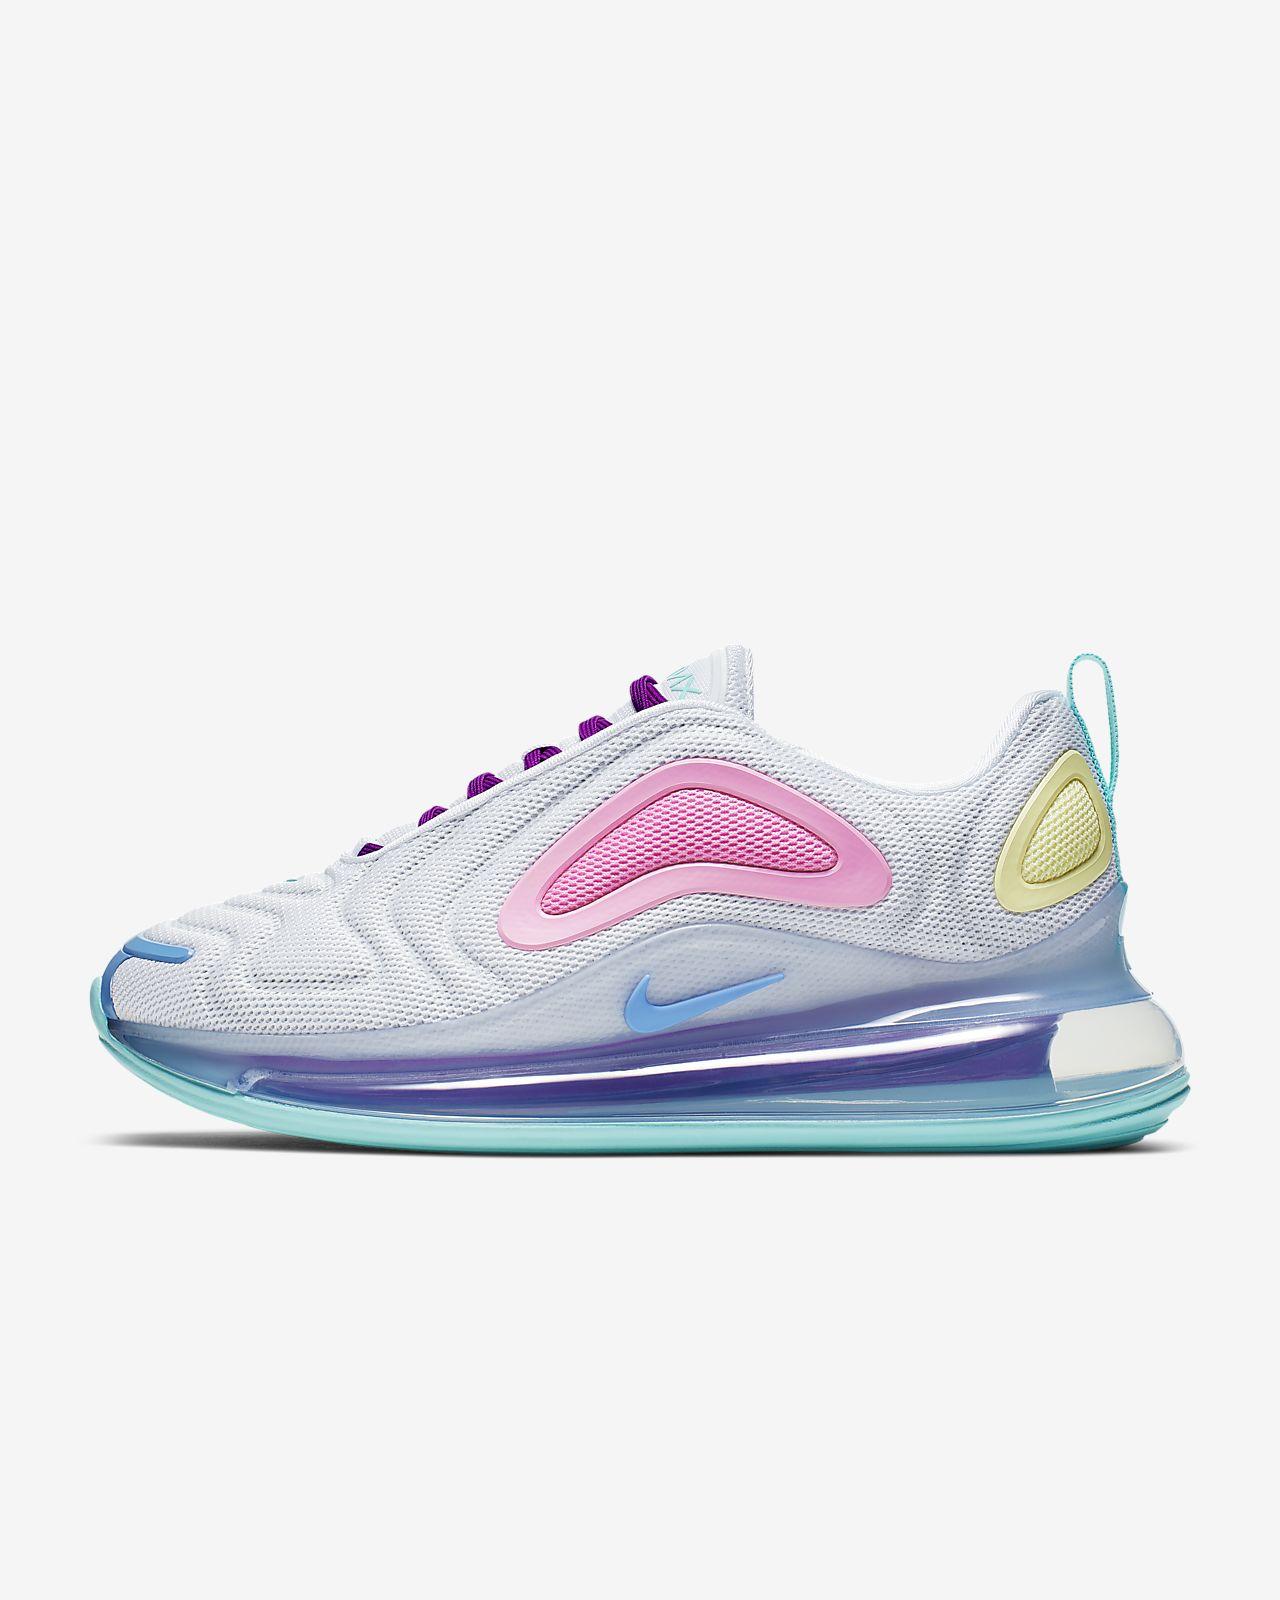 Nike Air Max 720 Women's Shoe